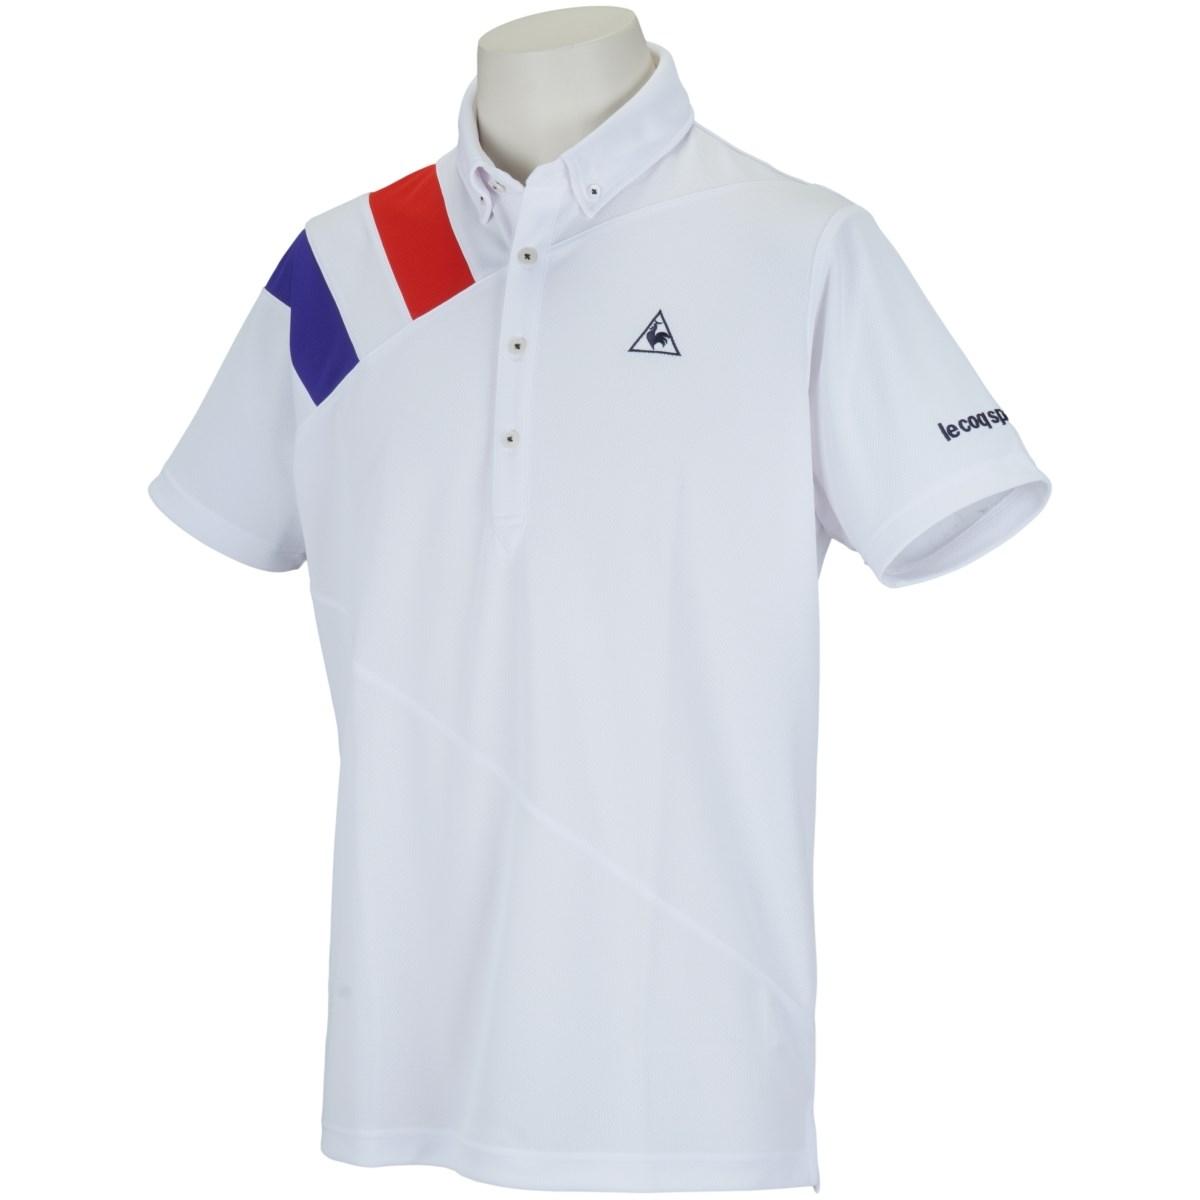 ルコックゴルフ Le coq sportif GOLF ボタンダウン半袖ポロシャツ M ホワイト 00